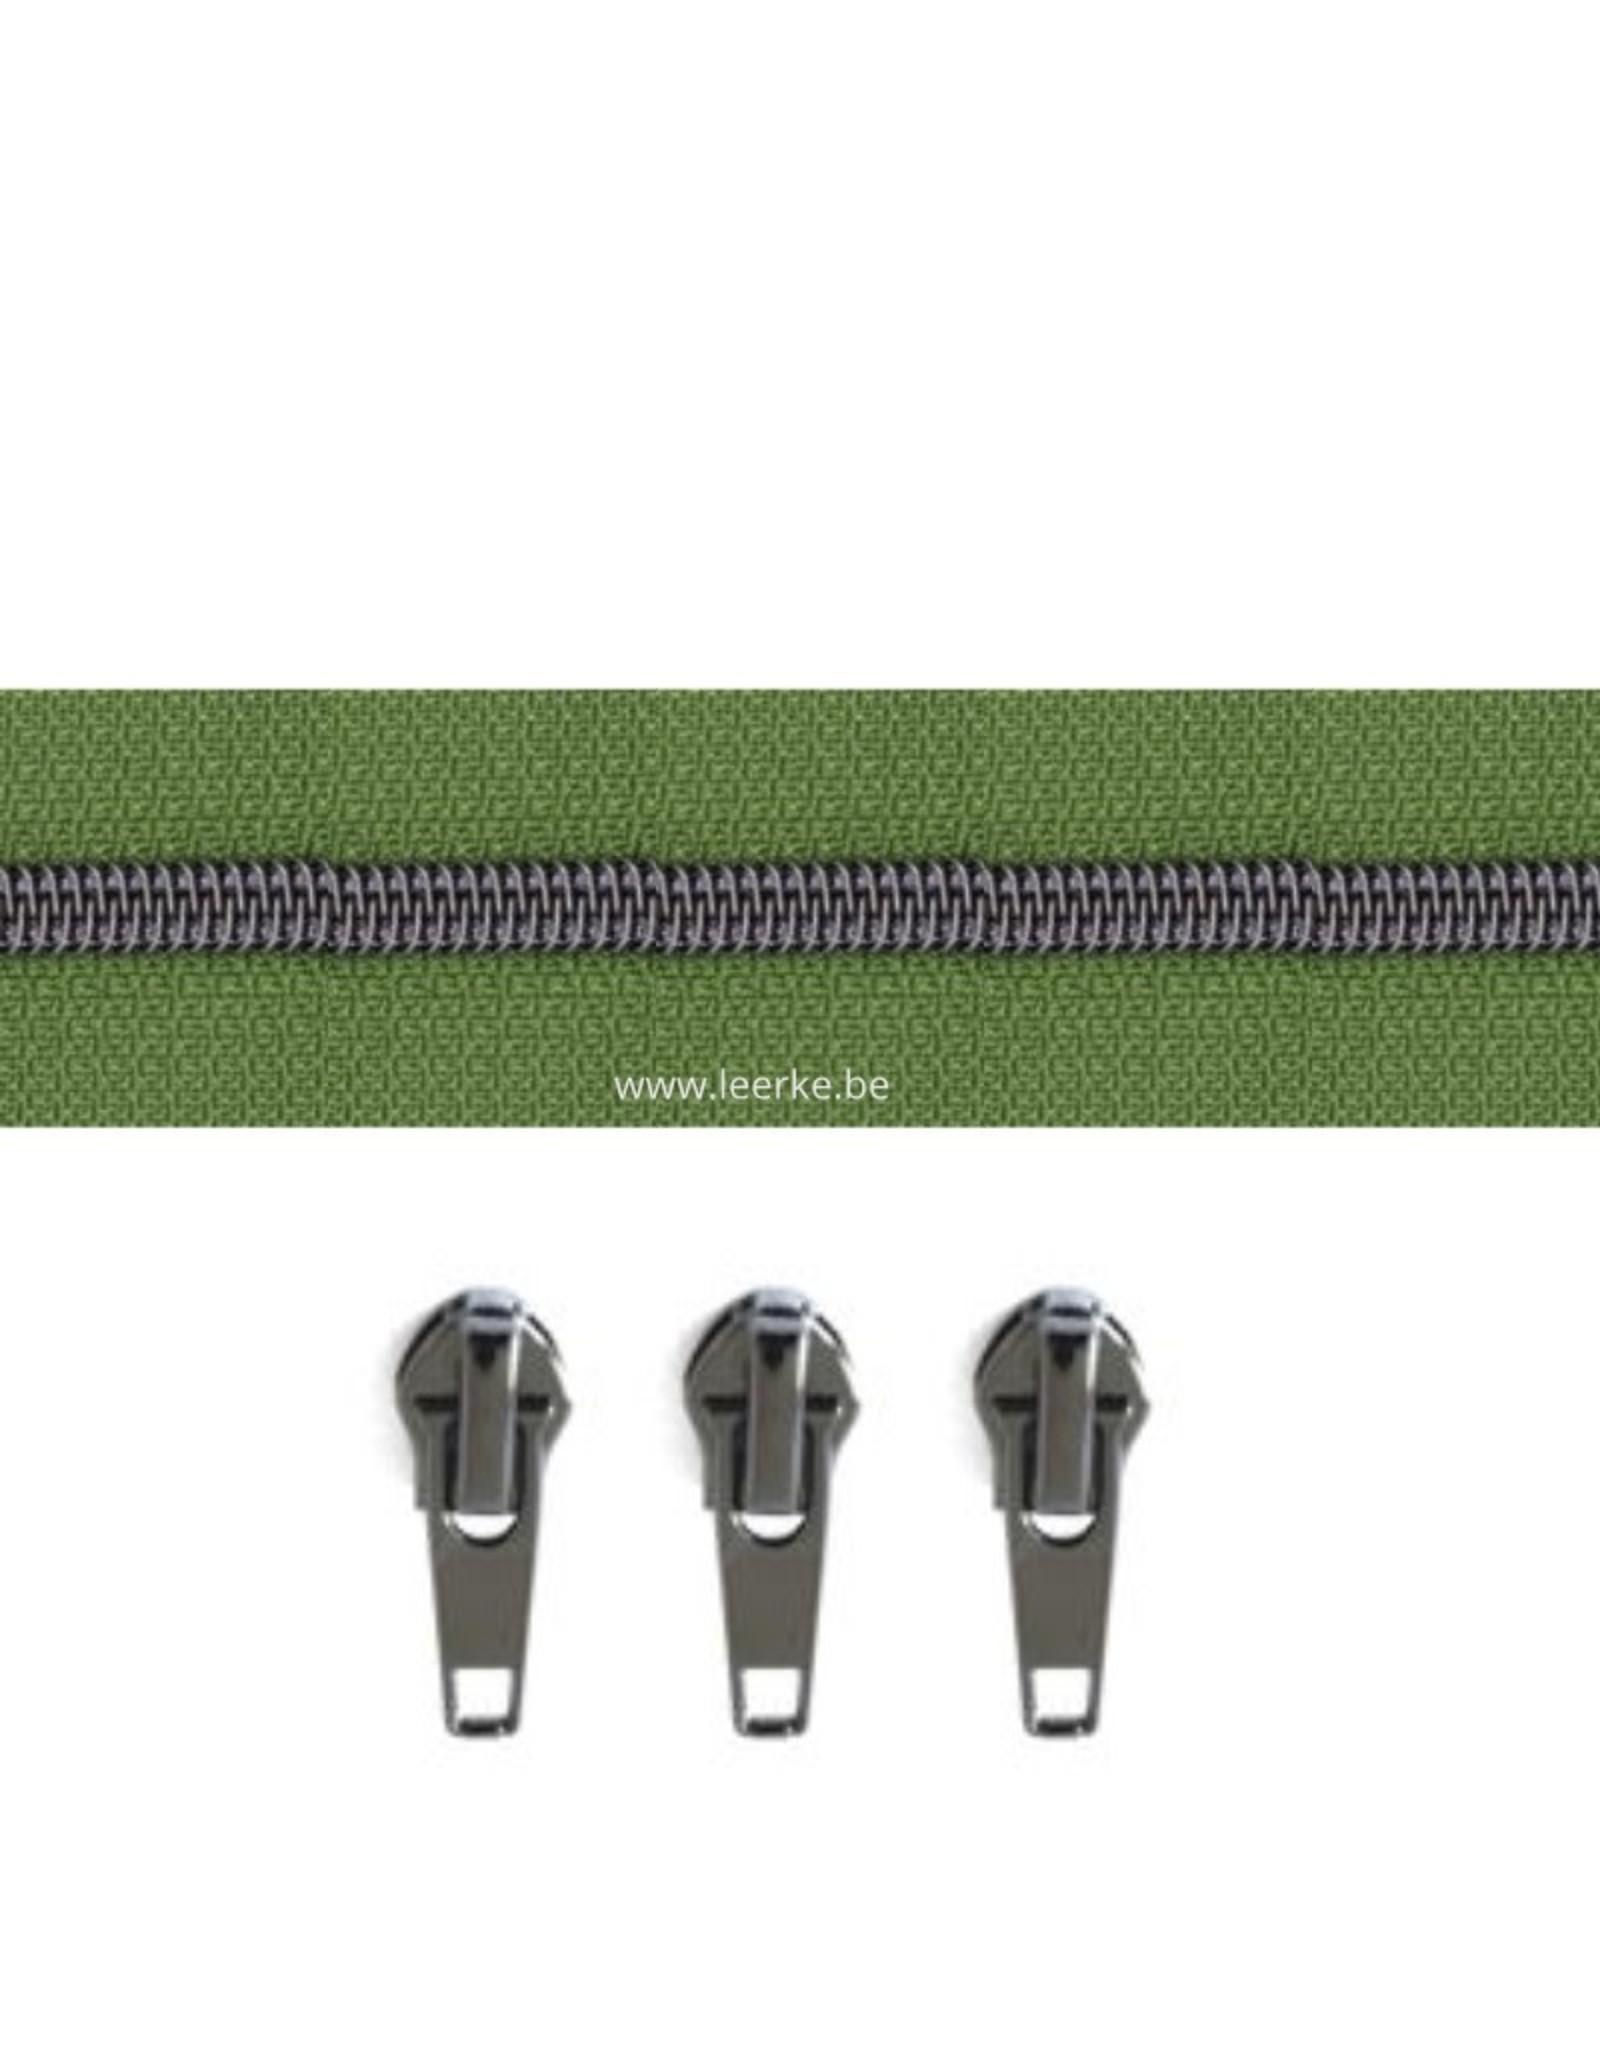 Rits per meter (incl. 3 trekkers) - Gunmetal - Olijf - Size 6,5